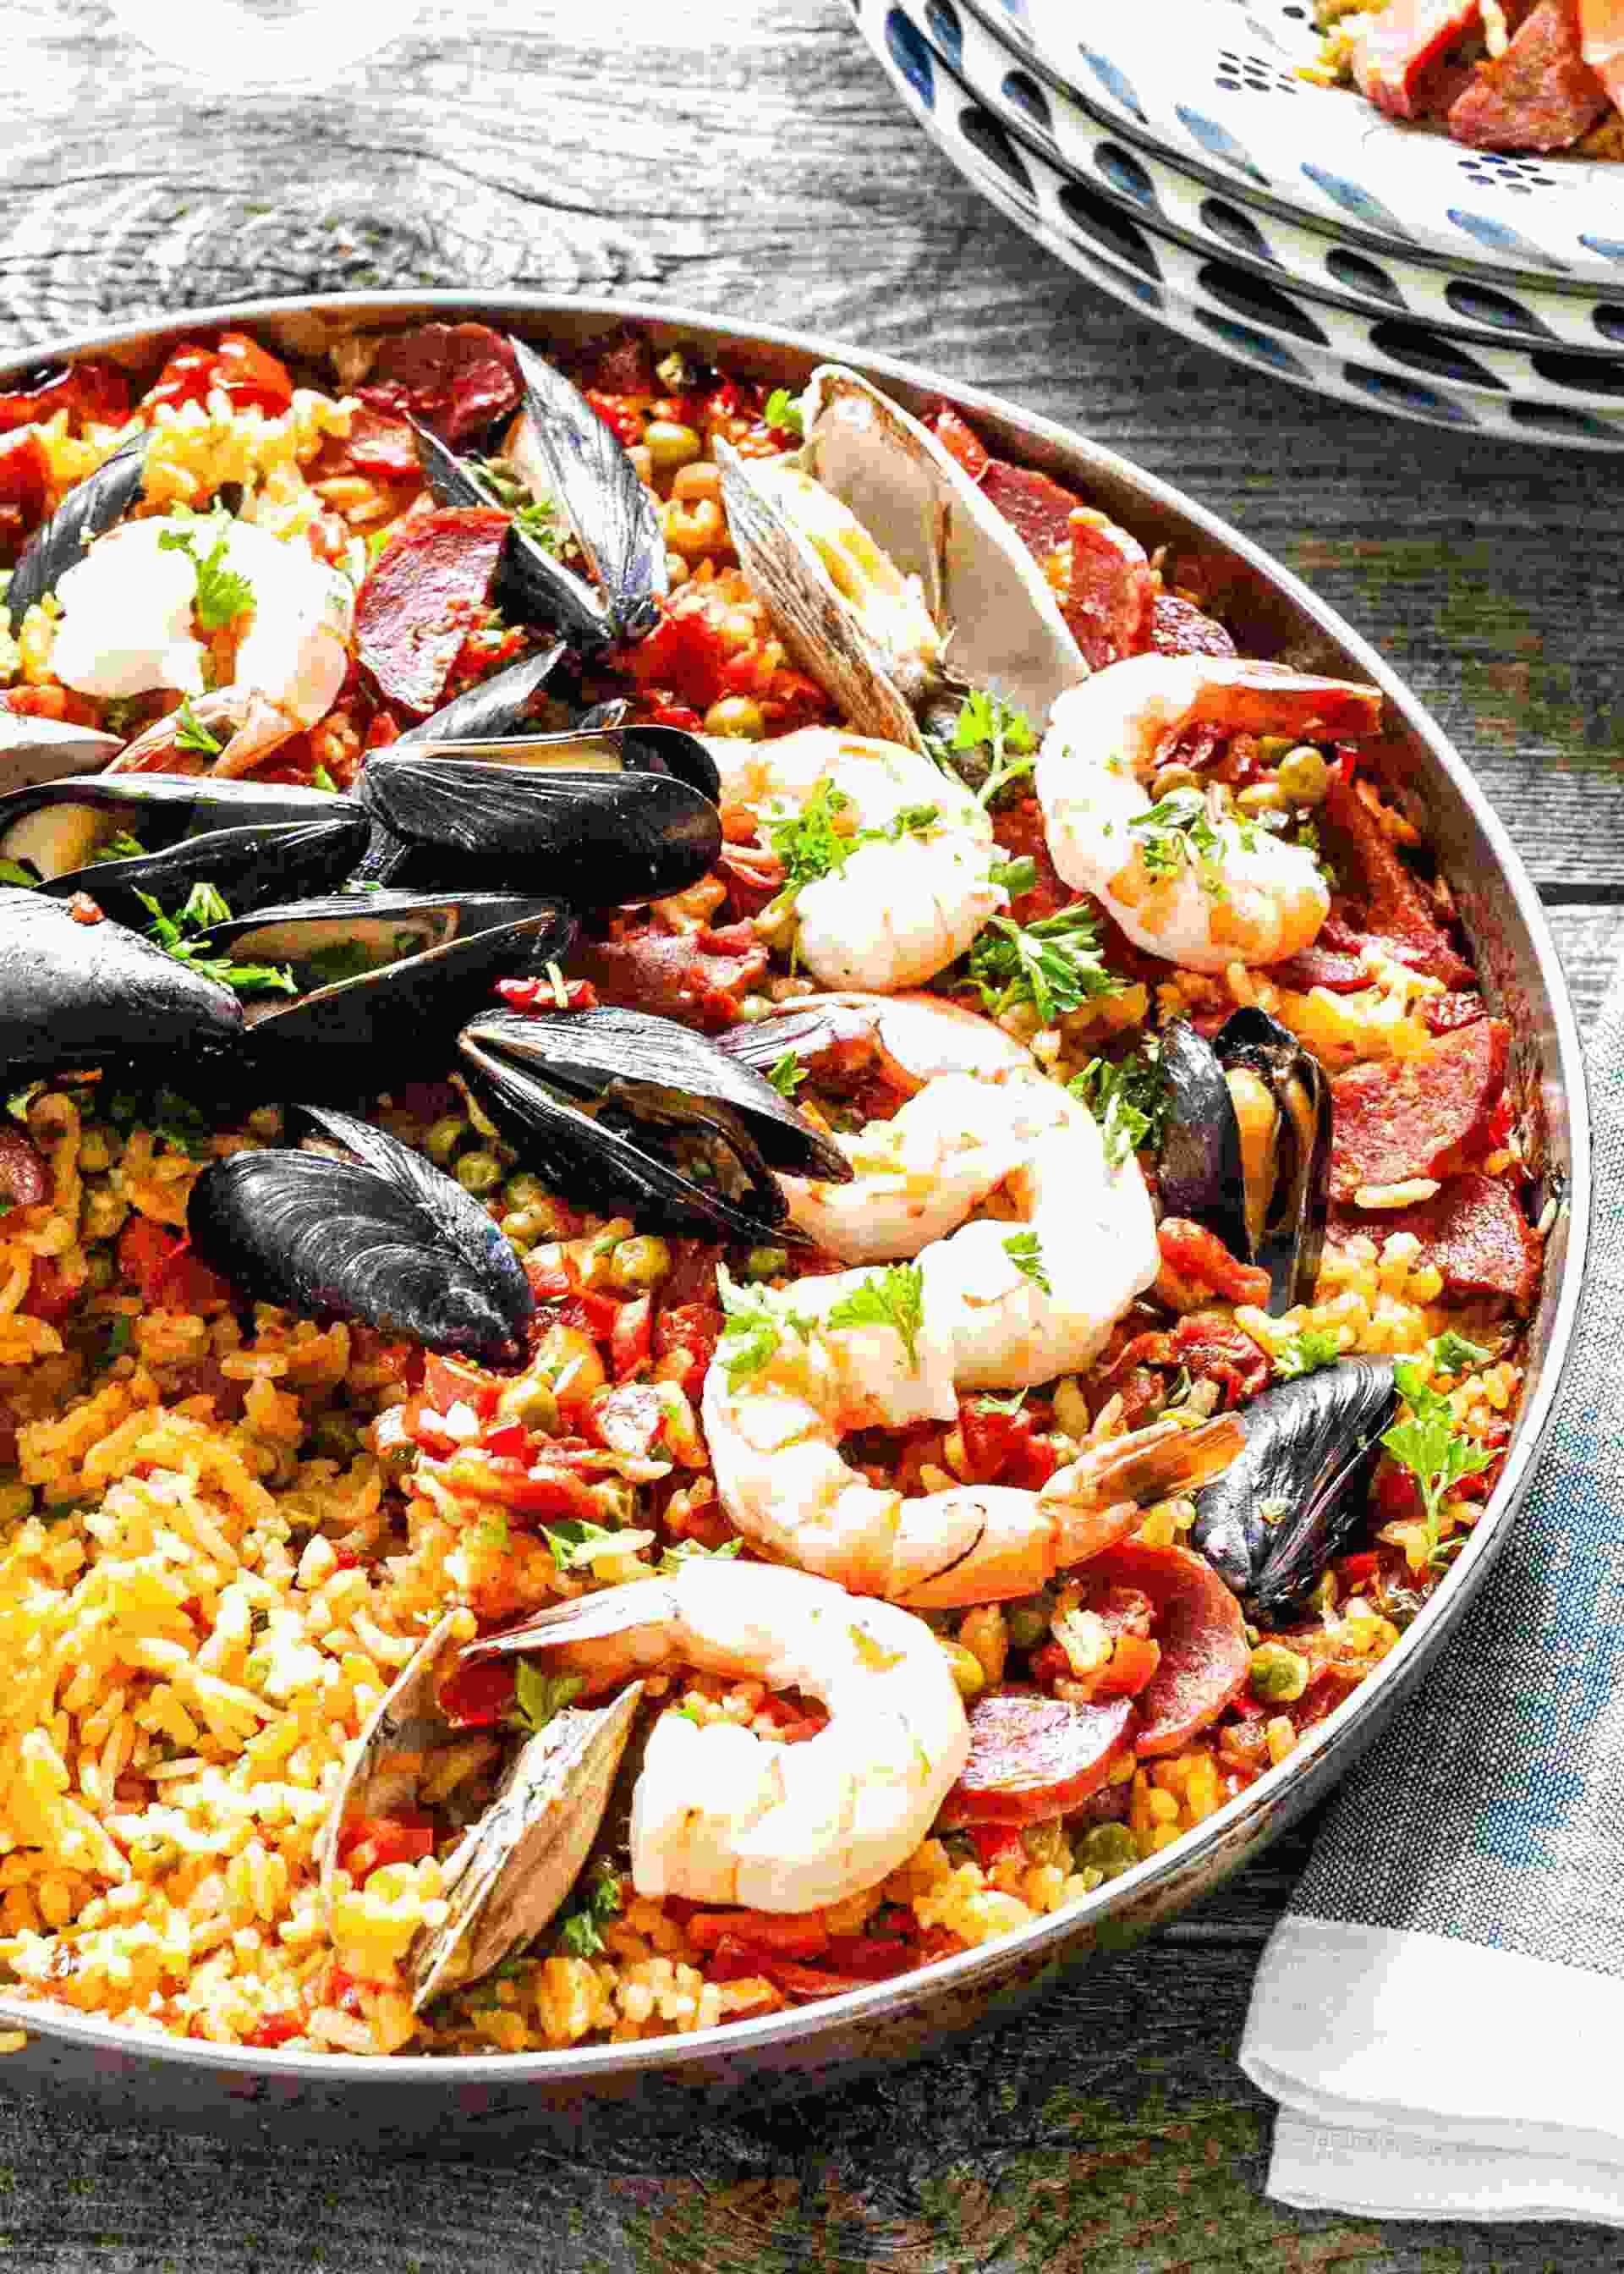 paella dish for sale